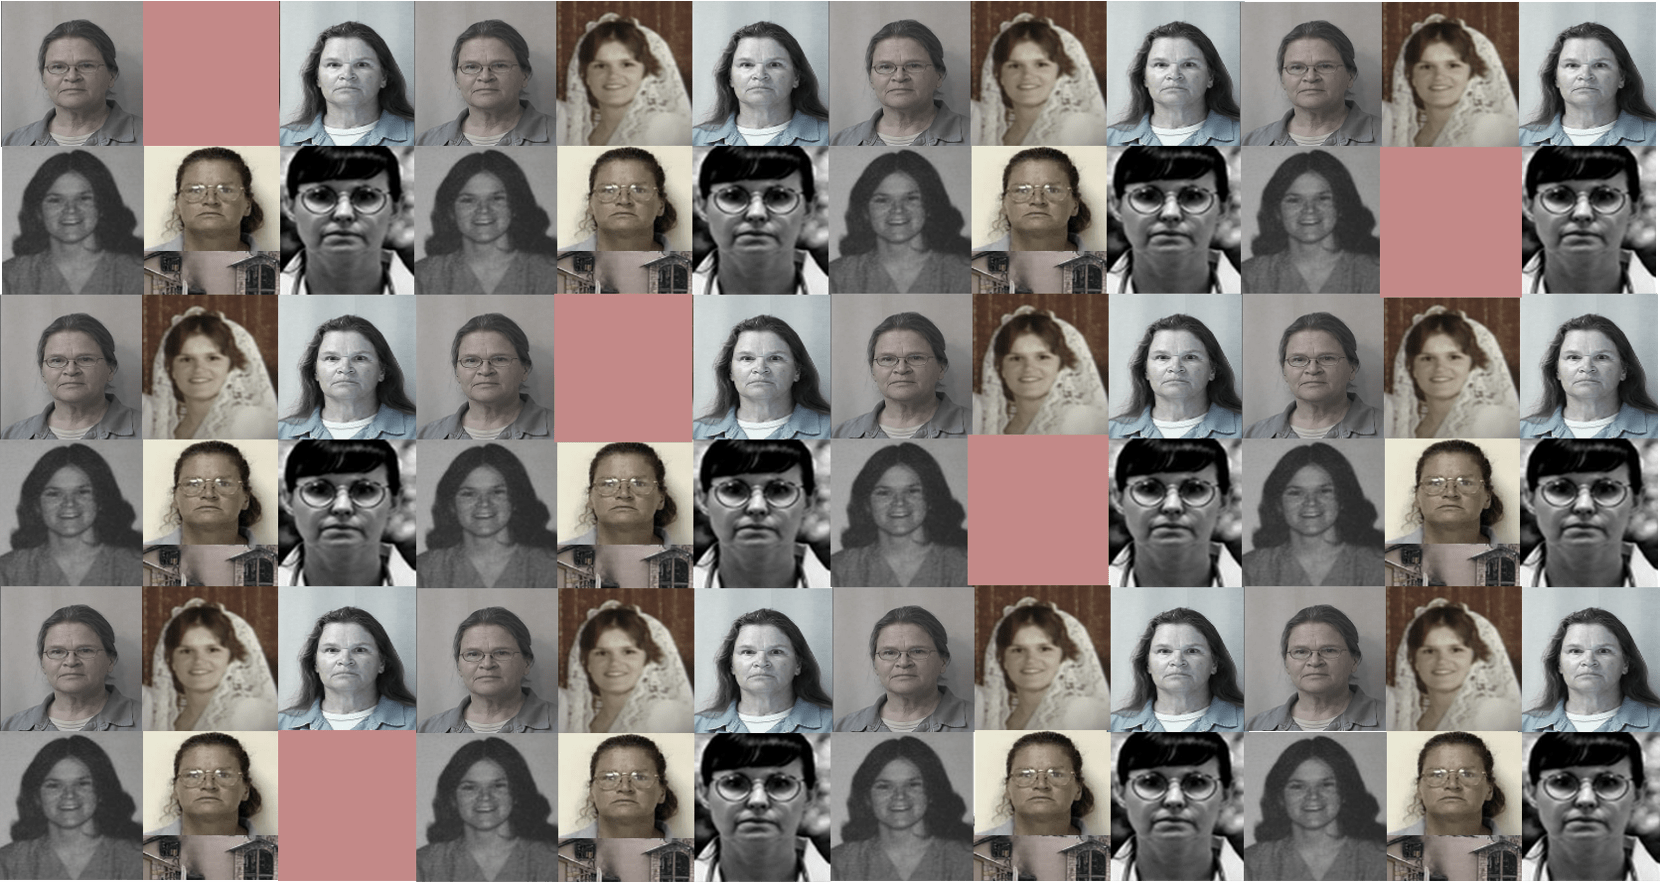 عکسهای ماجرای سریالی دبرازمان تقریبی مطالعه: ۲ دقیقه